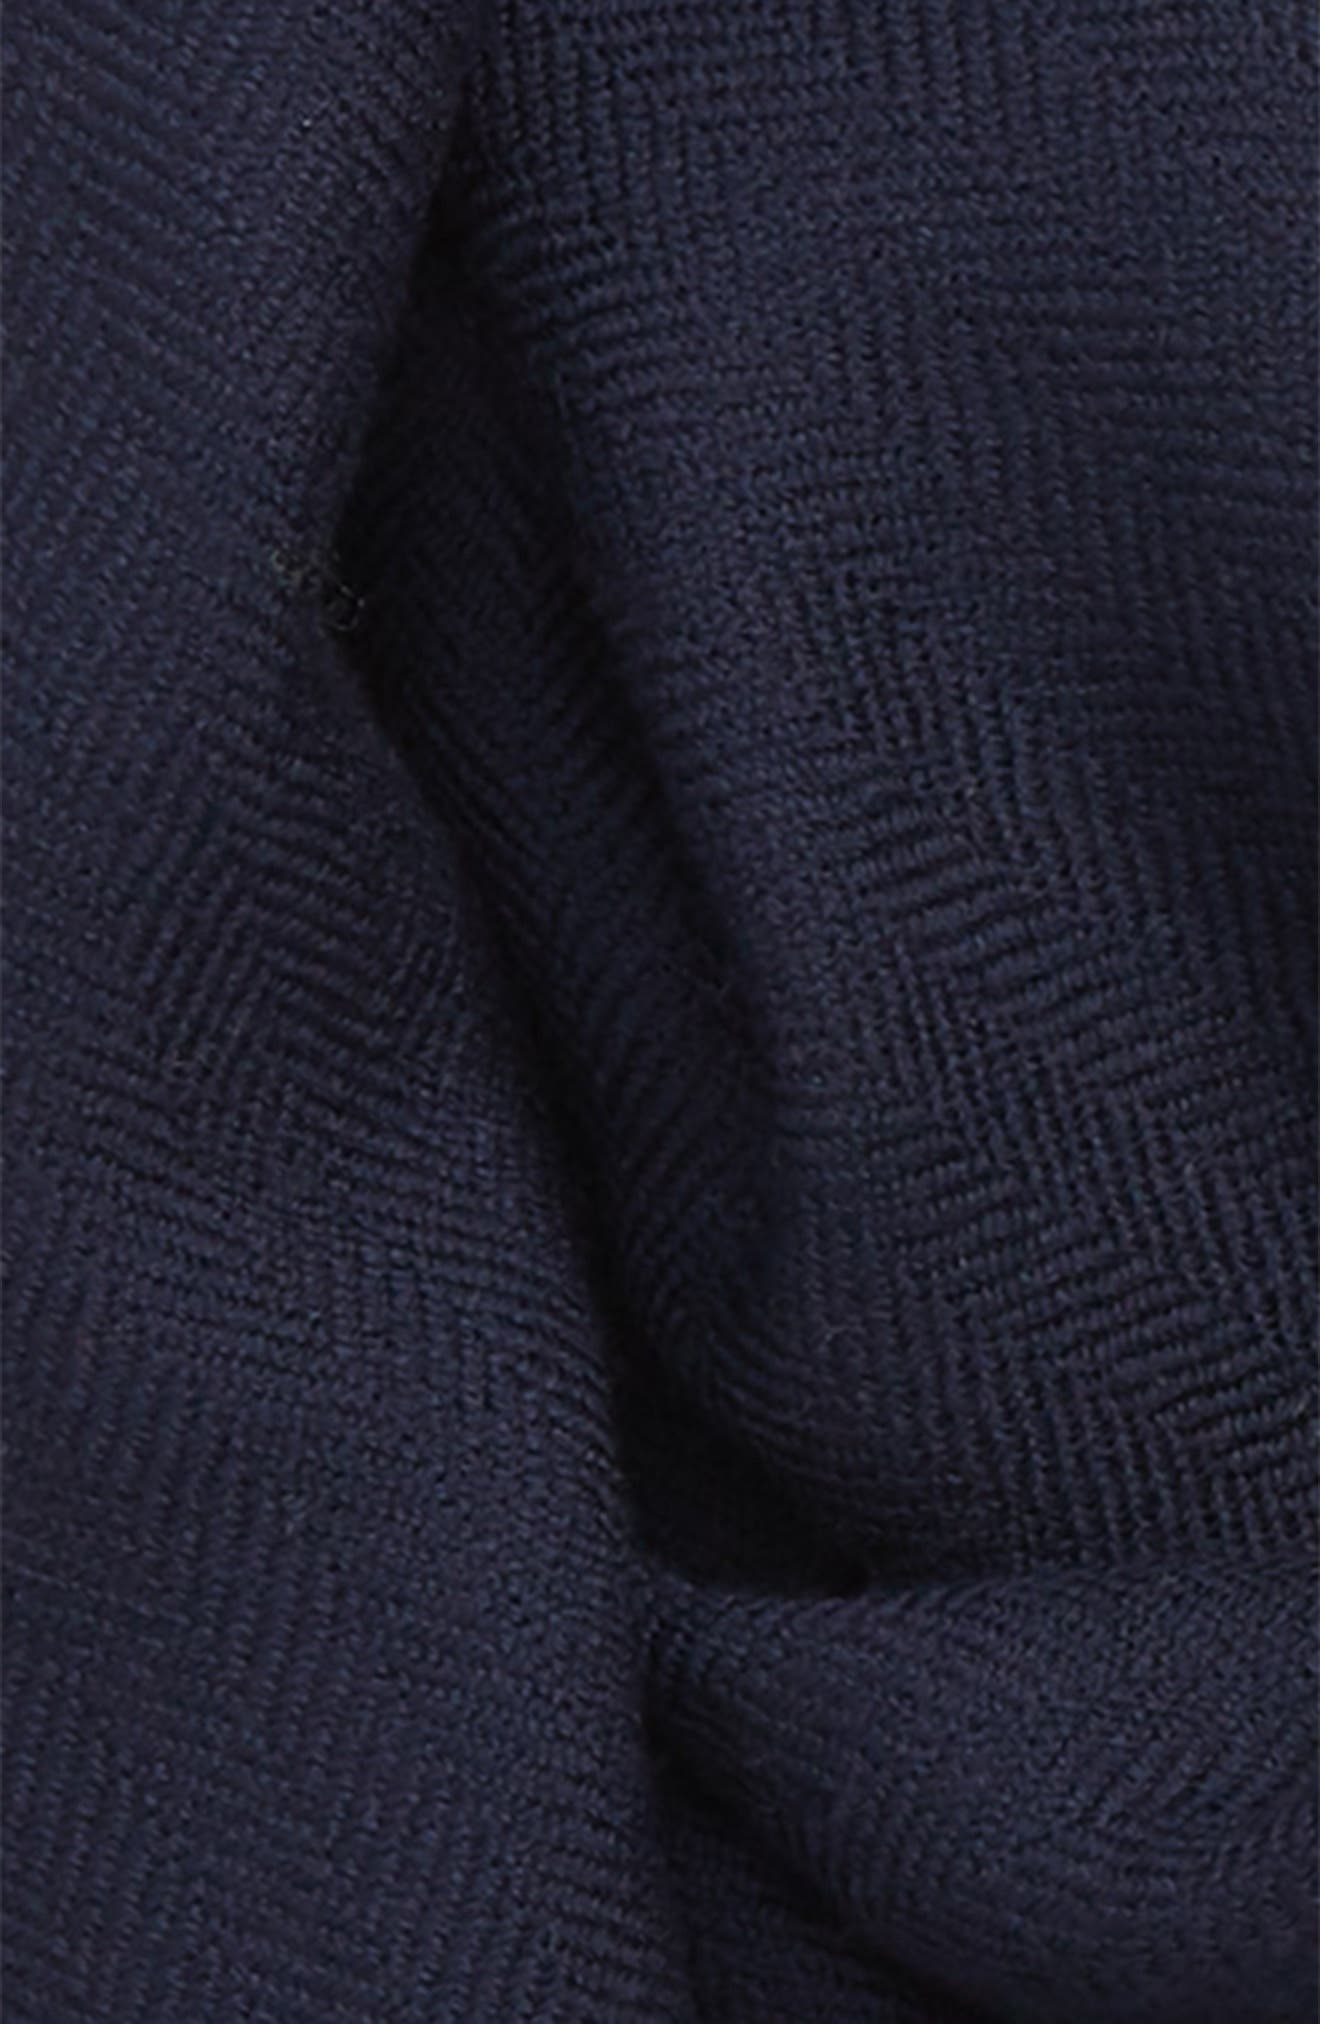 Patterned Merino Wool Scarf,                             Alternate thumbnail 3, color,                             NAVY HERRINGBONE